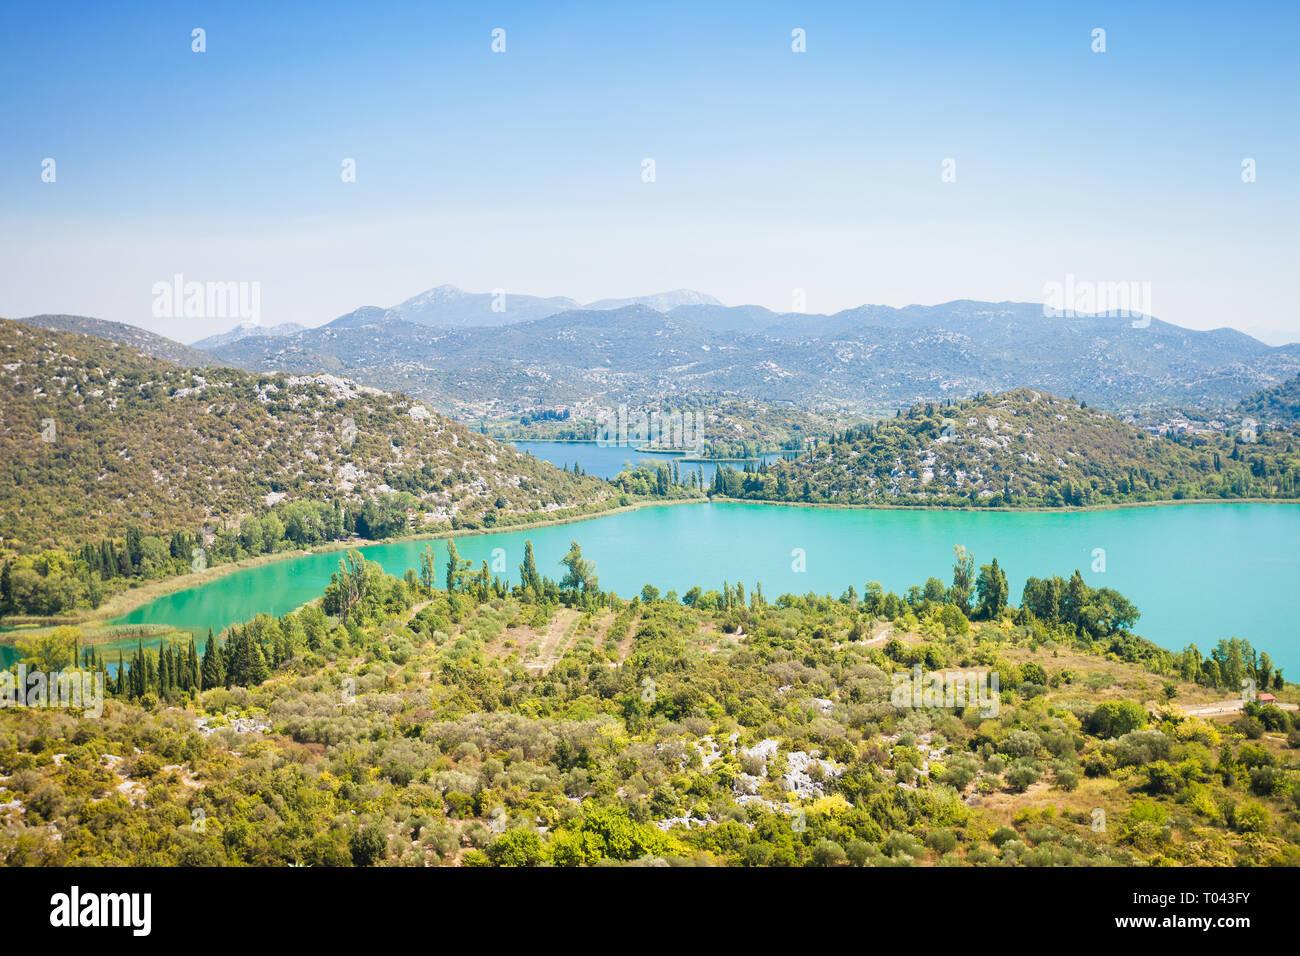 Gränna Seen, Dalmatien, Kroatien, Europa - Überblick über die schöne Gränna Seen Stockfoto